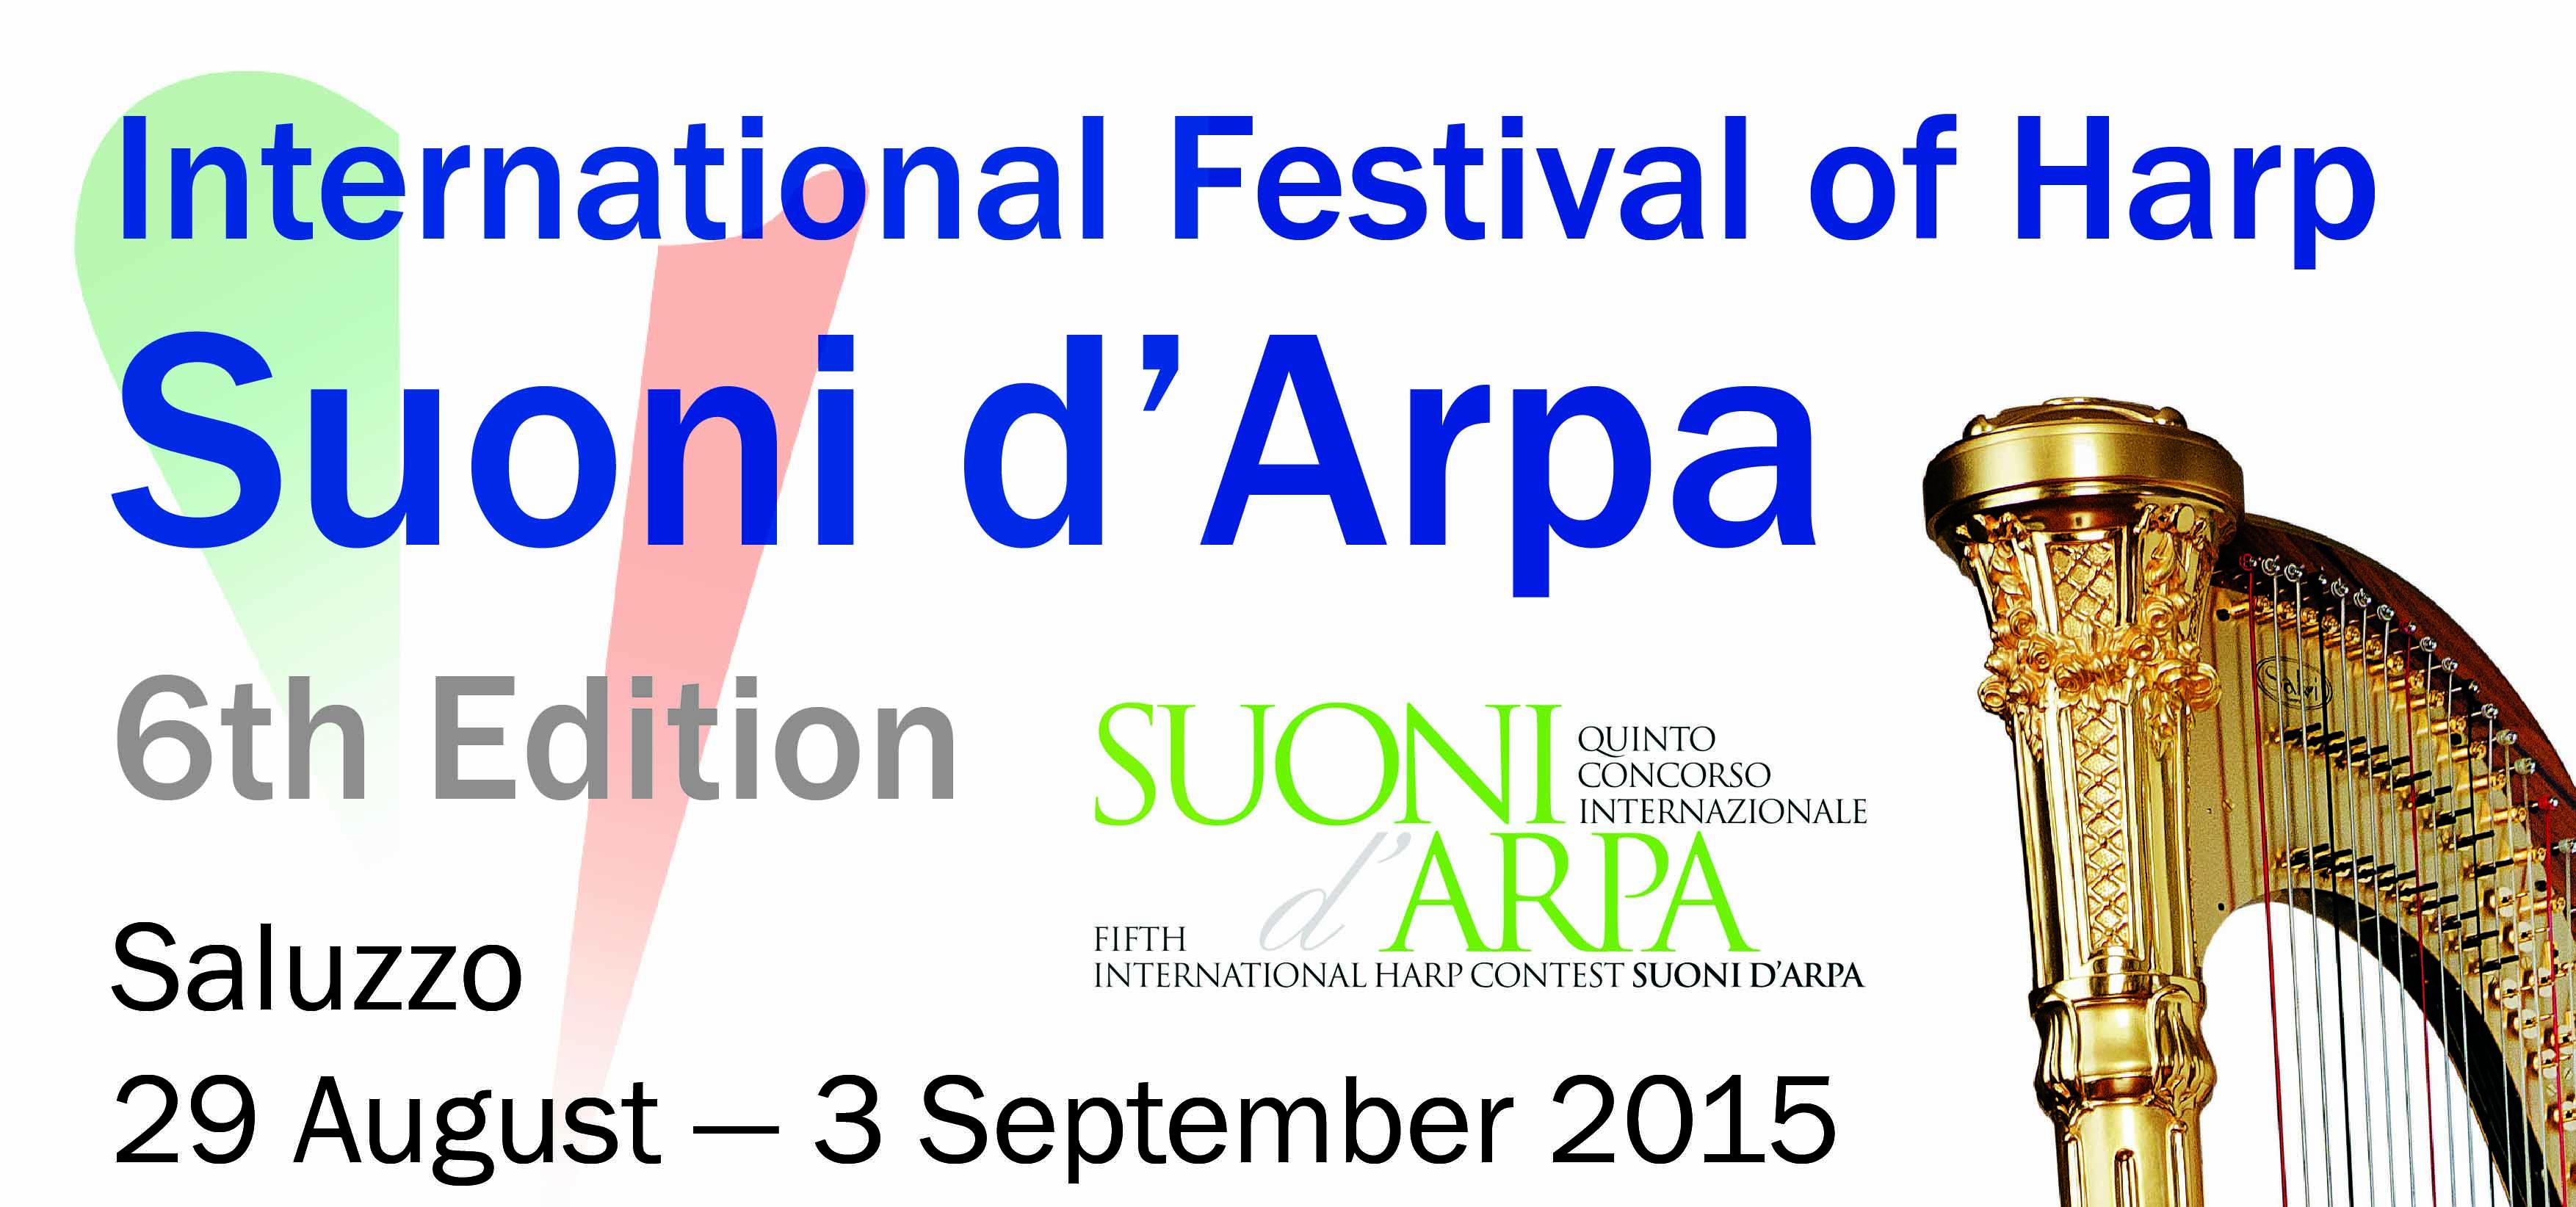 International Festival of Harp